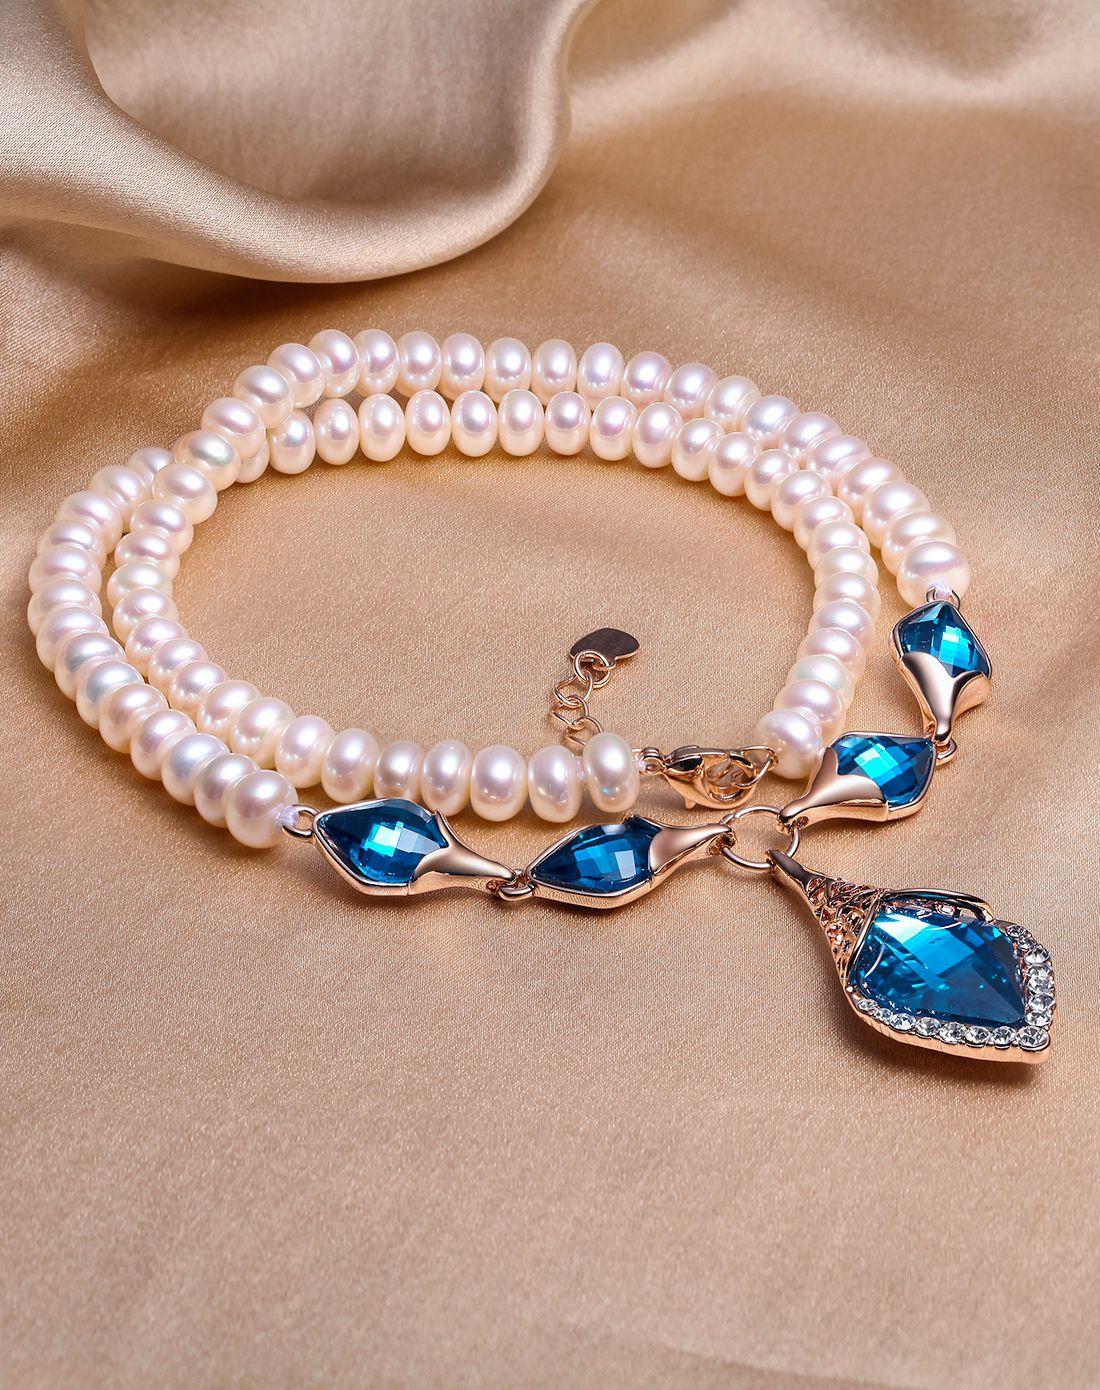 珍珠批發價   時尚魅力 天然珍珠女士項鏈